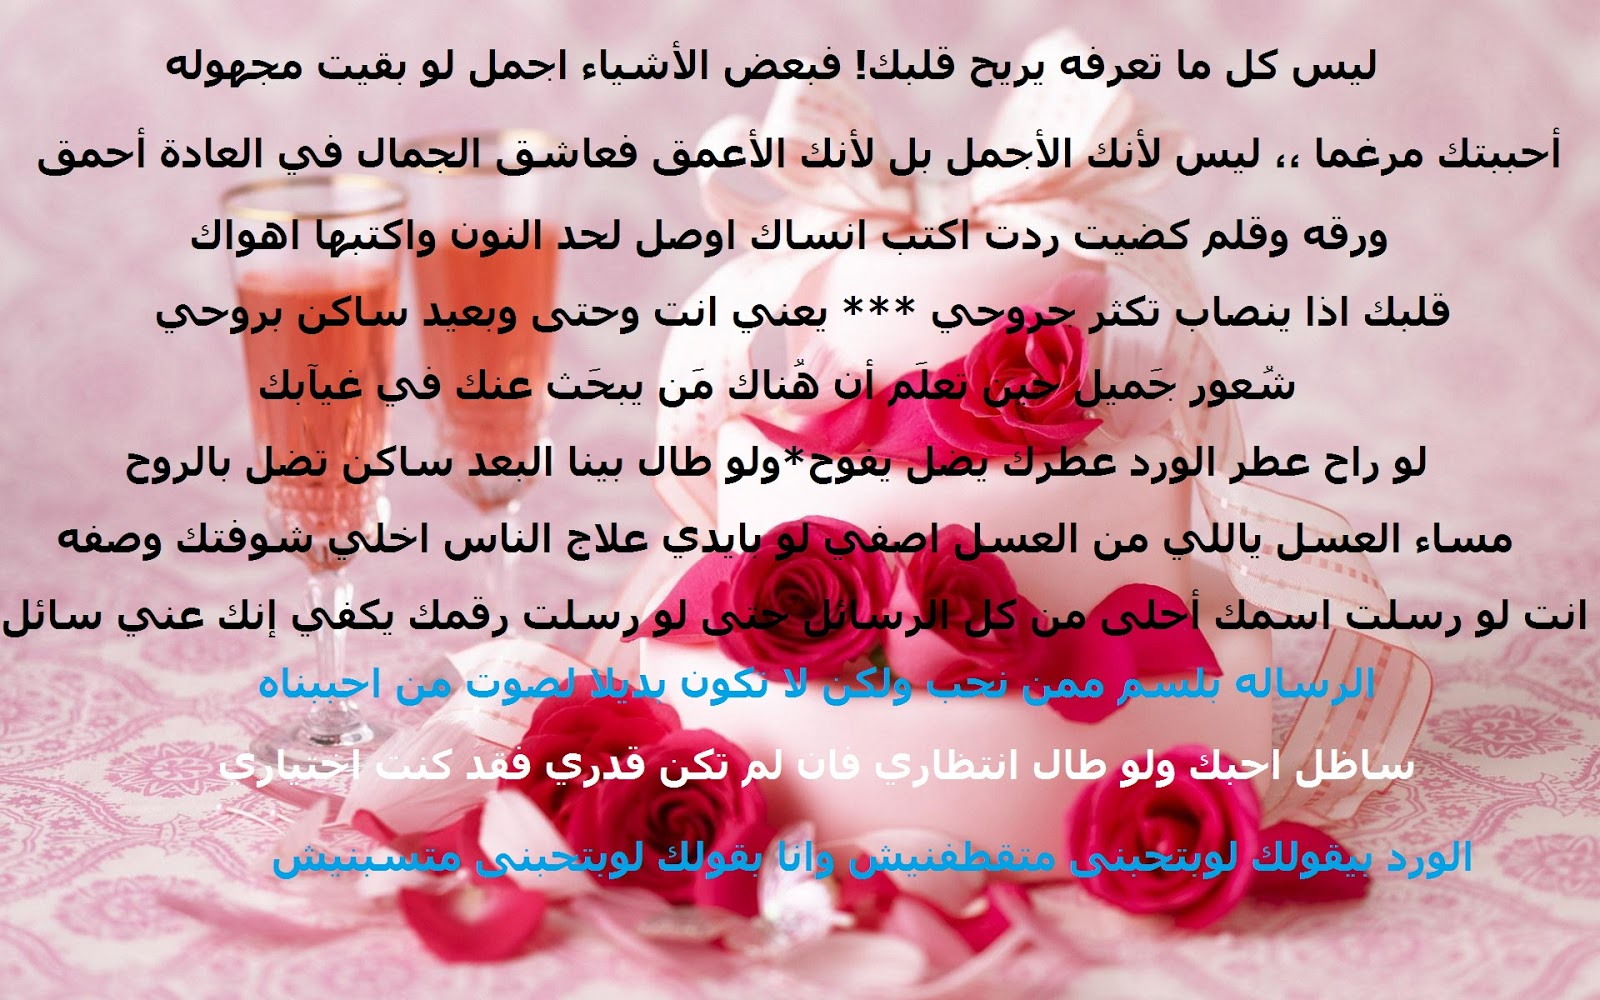 بالصور اجمل رسائل الحب , رسائل حب جميله 3453 3